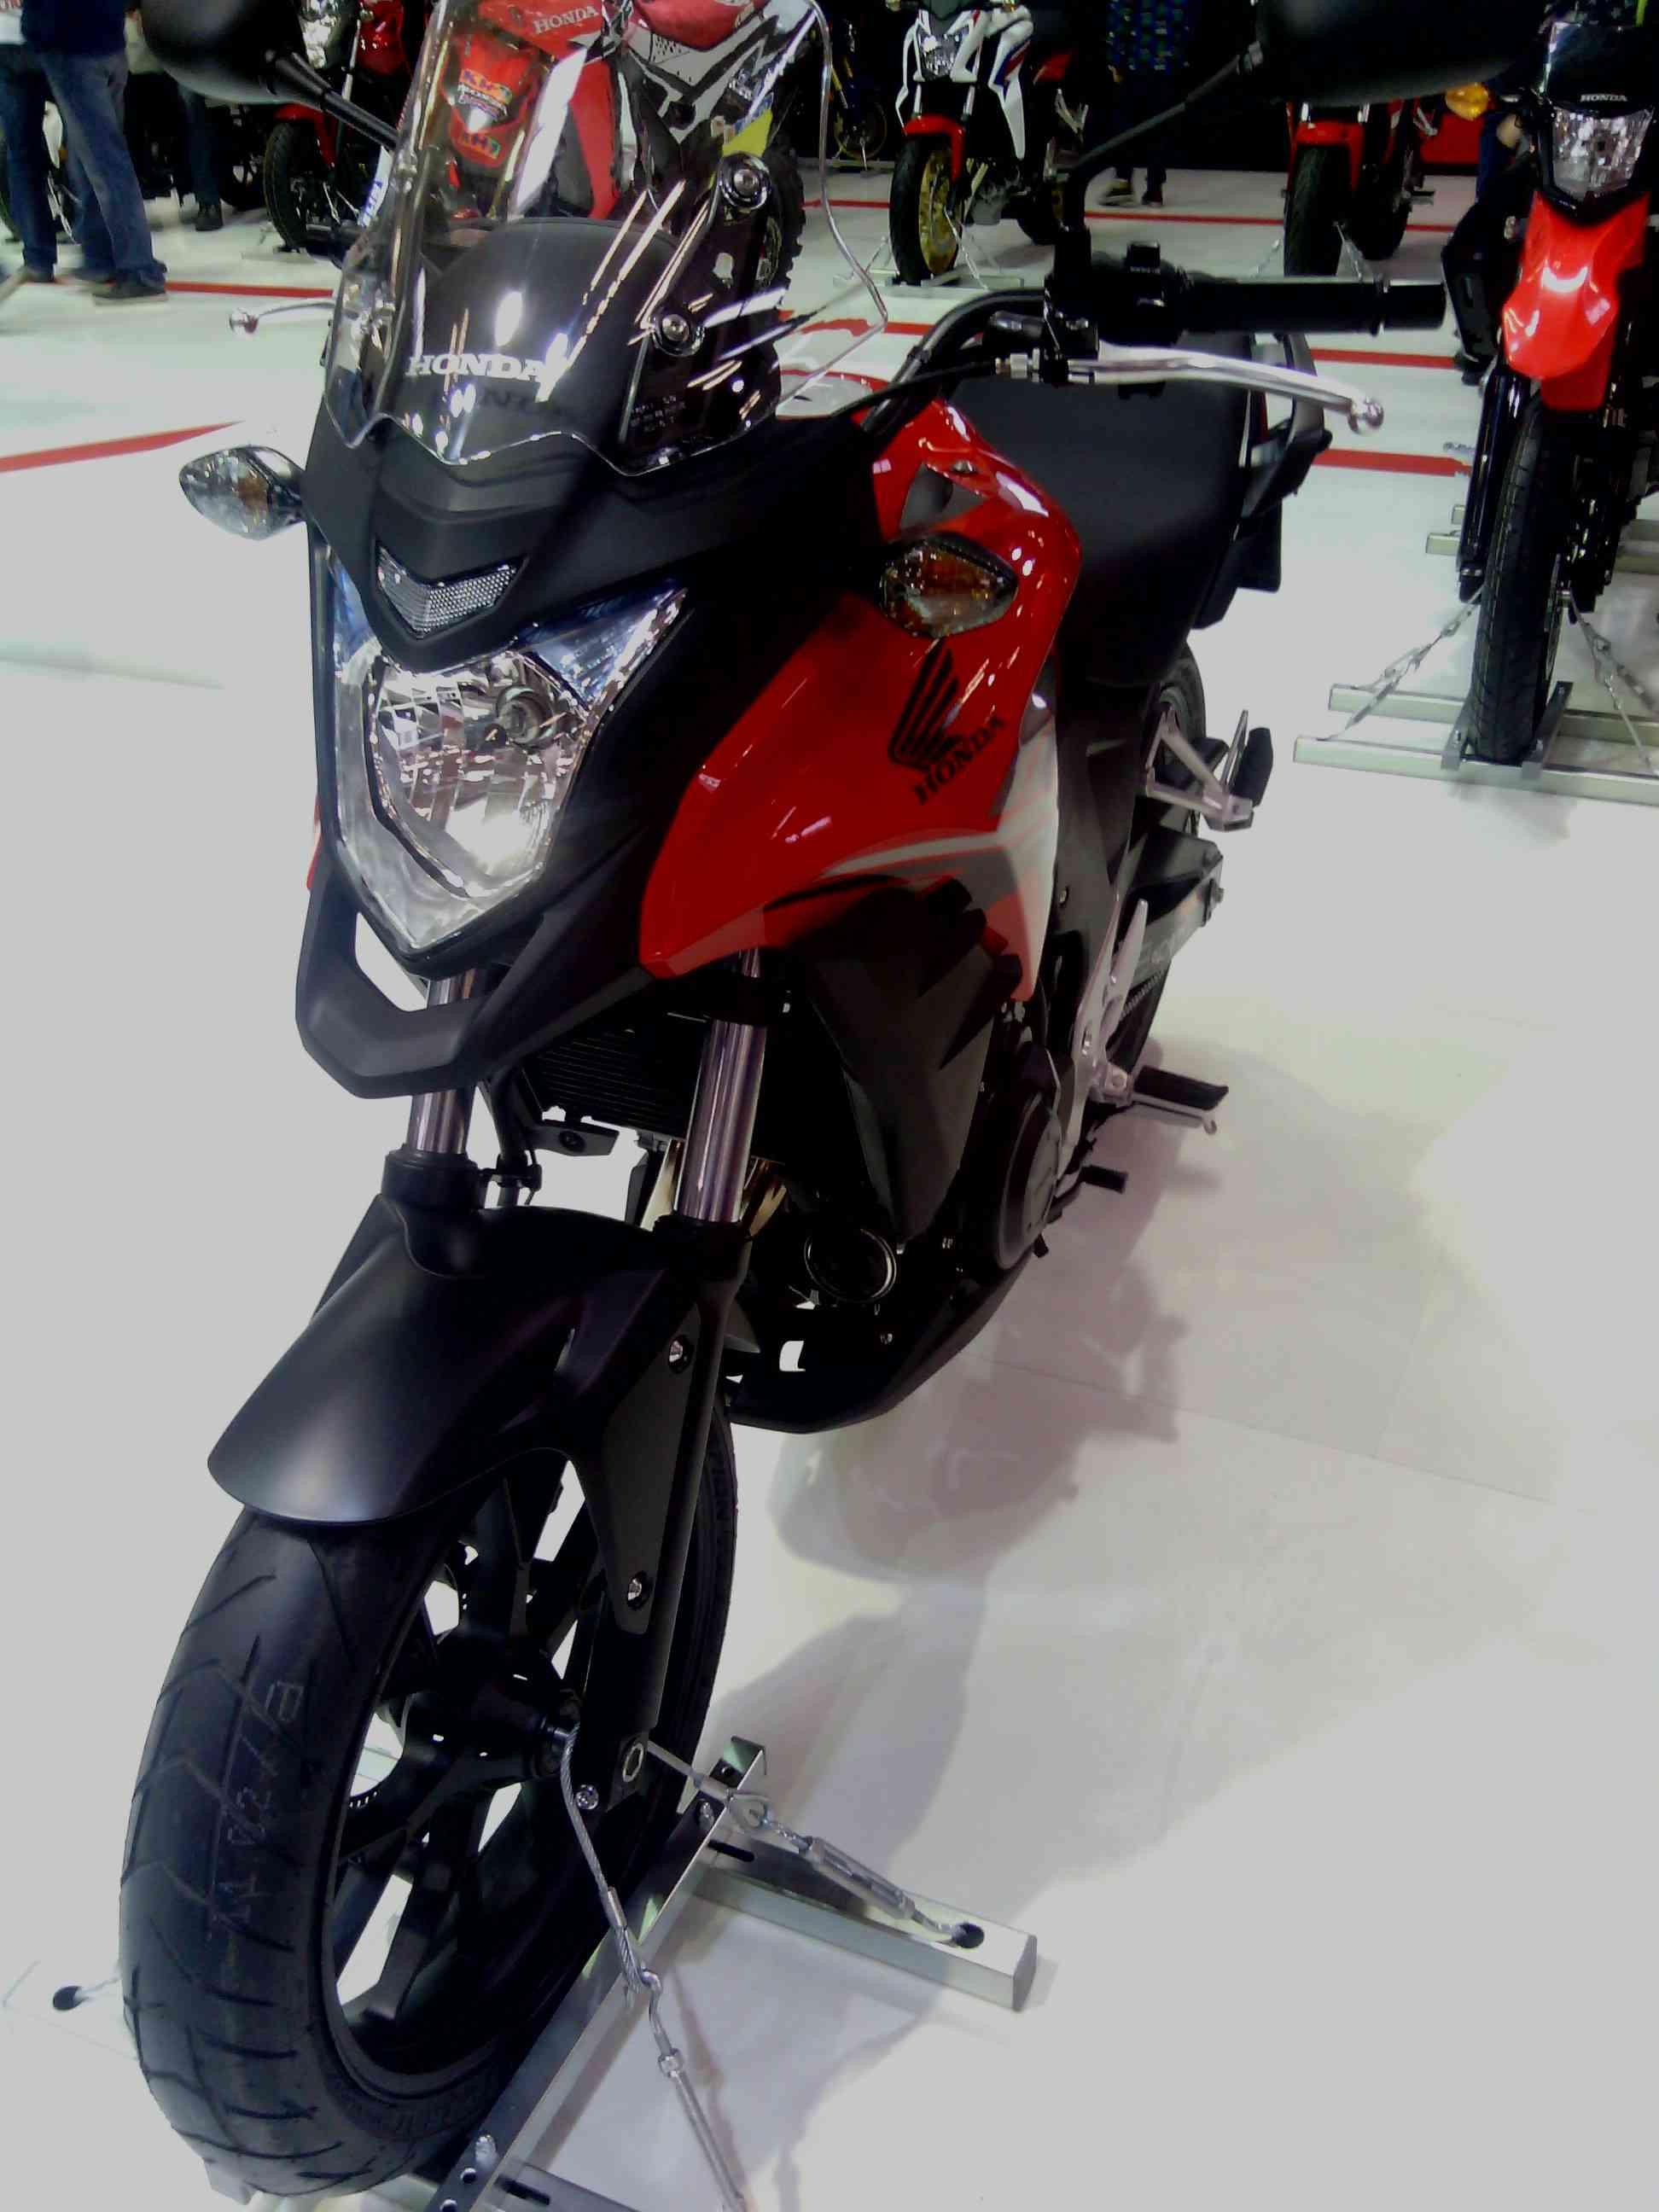 Έκθεση μοτοσυκλέτας 2015 στην Μπρατισλάβα Img_2022